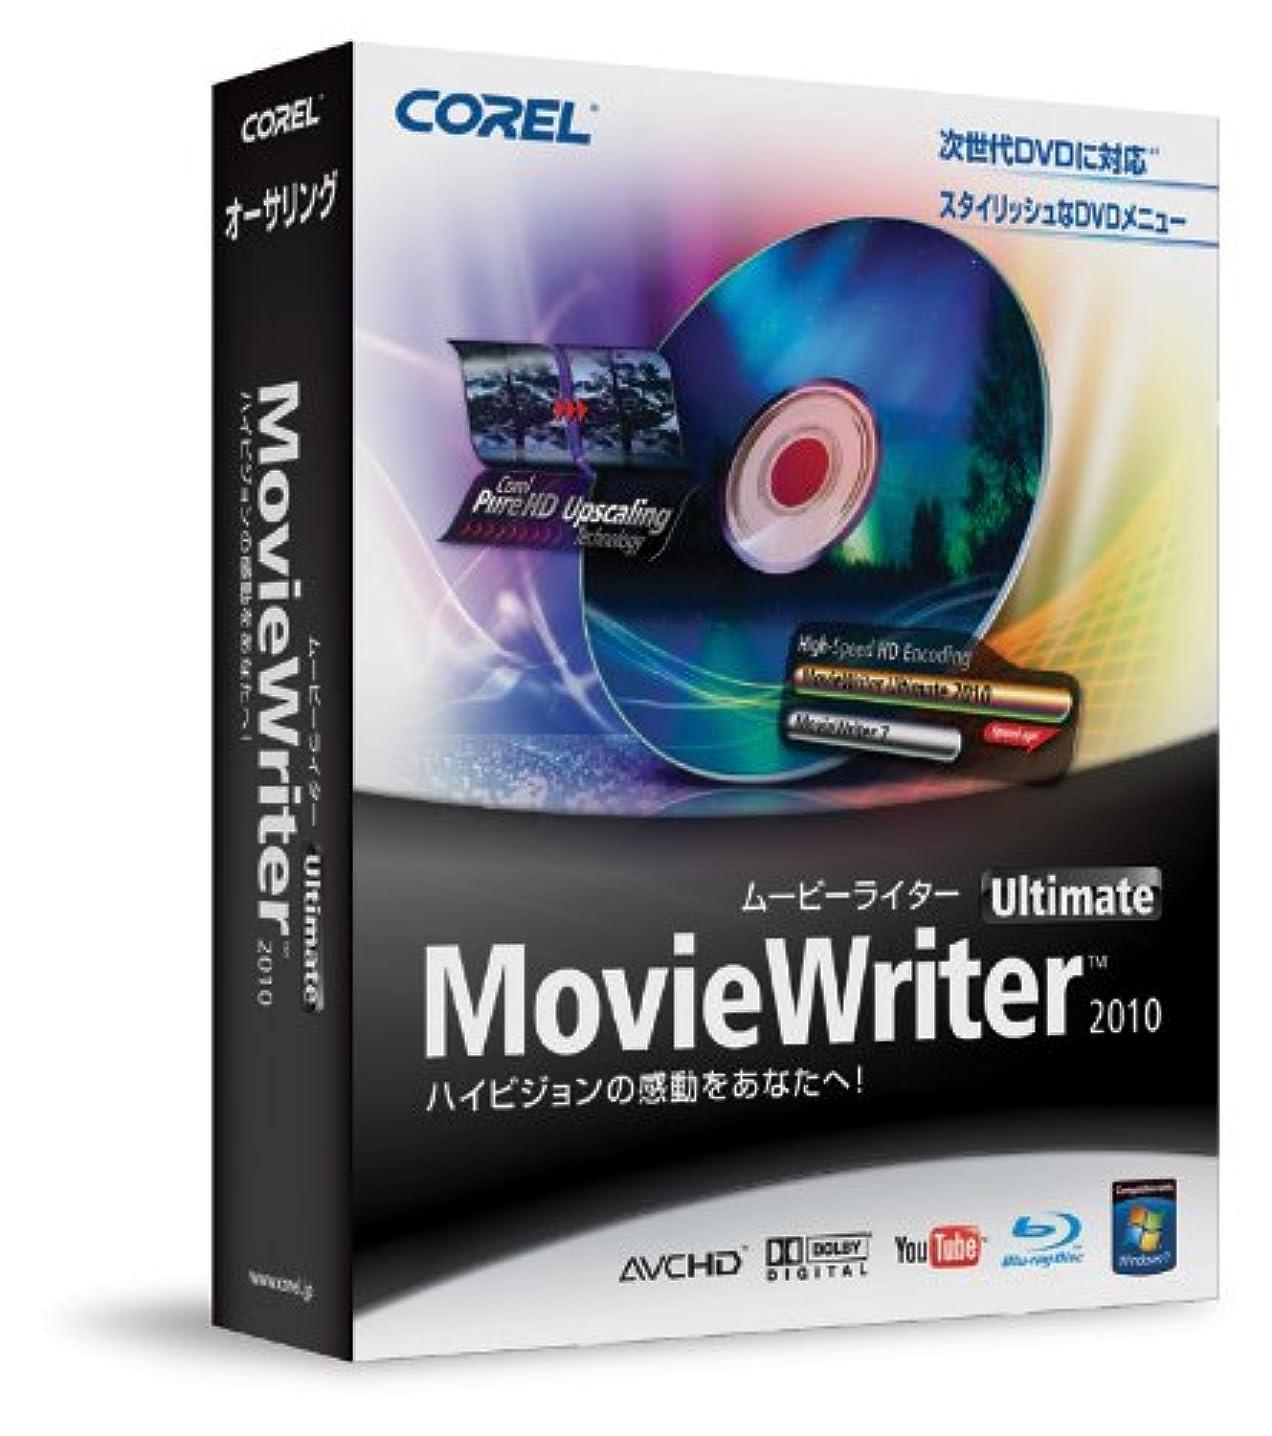 ホースオーチャードフラスコMovieWriter Ultimate 2010 通常版